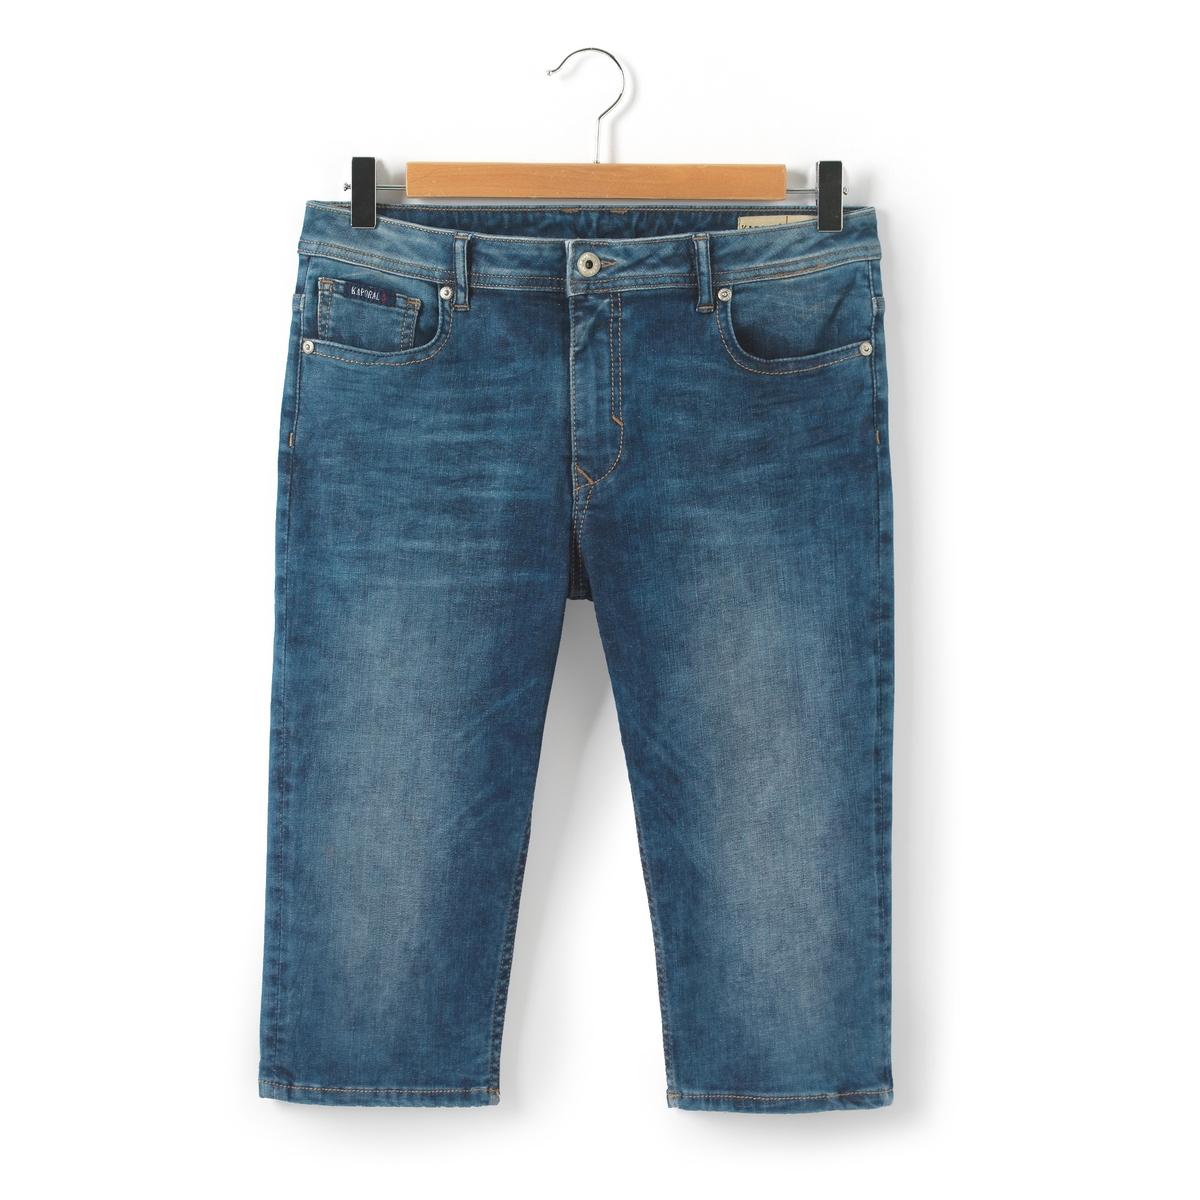 Бермуды из денима, 10-16 летБермуды джинсовые . 5 карманов. Застежка на молнию и пуговицу.Состав и описаниеМатериал: Деним,  91,5% хлопка, 6% полиэстера, 2,5% эластанаМарка      KAPORALУходМашинная стирка при 40 °С с вещами схожих цветовСтирать и гладить с изнаночной стороныМашинная сушка при умеренной температуреГладить на средней температуре<br><br>Цвет: синий<br>Размер: 10 лет - 138 см.14 лет - 162 см